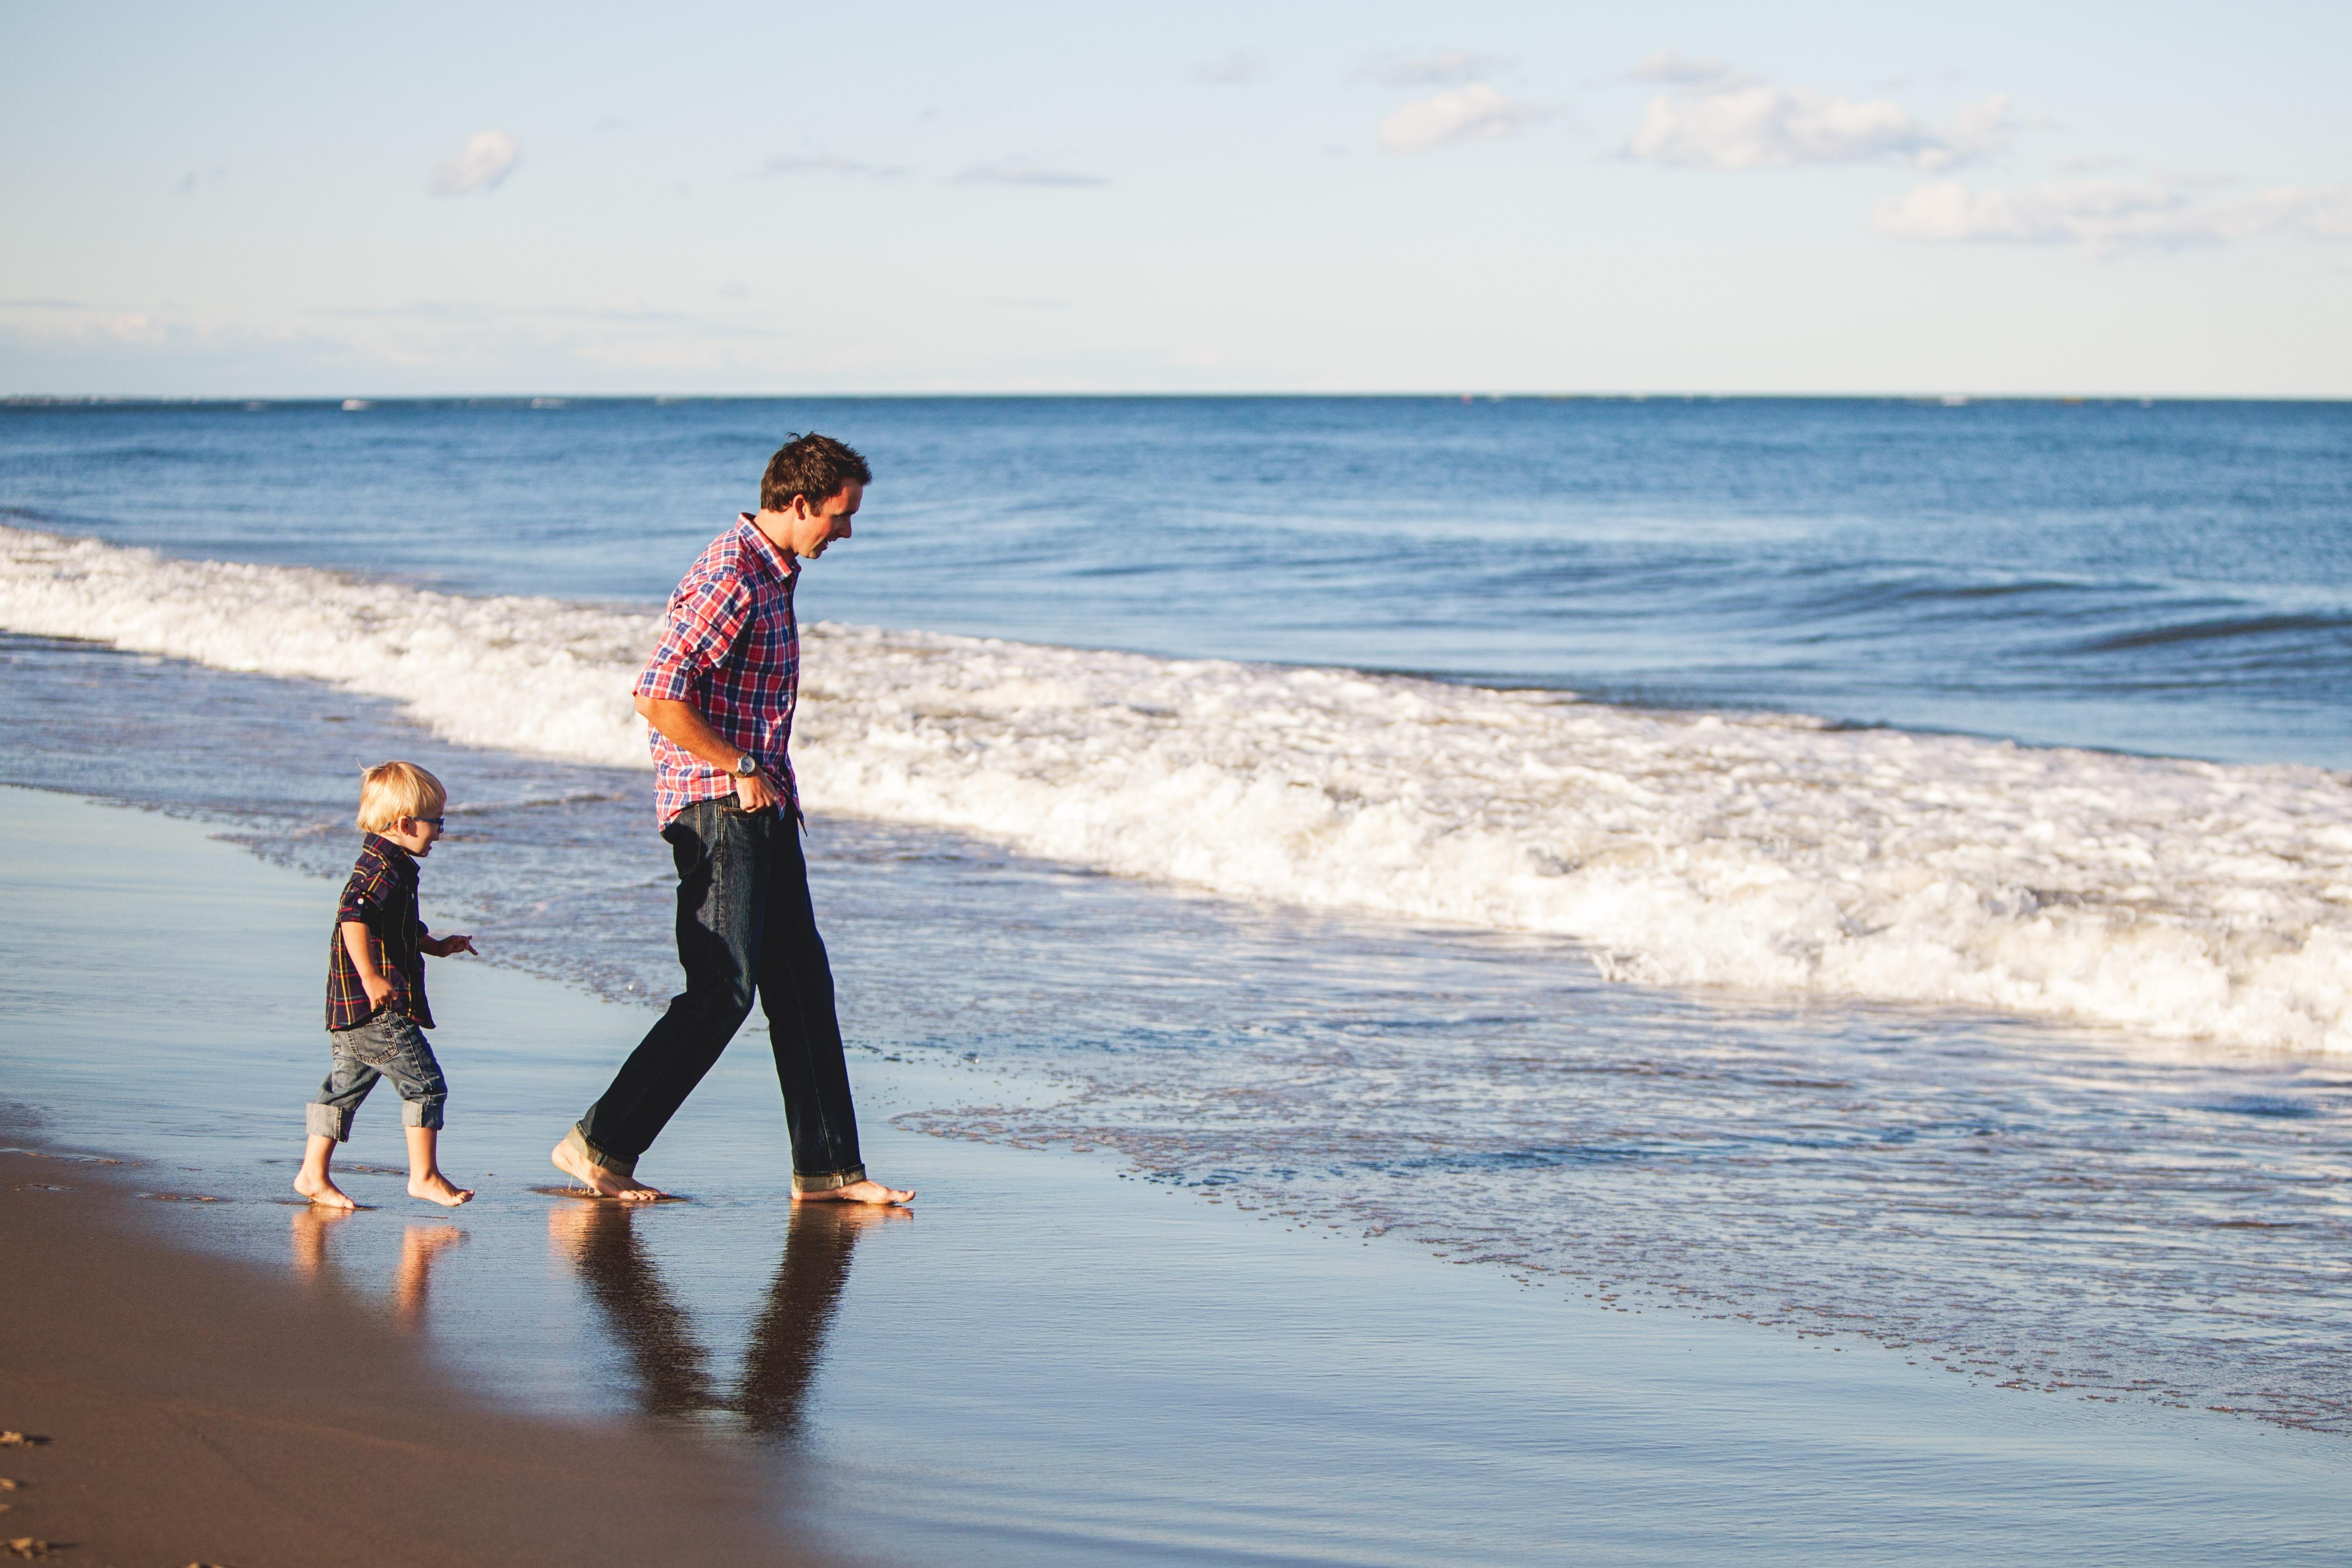 מהו תפקיד ההורים בחינוך הילדים